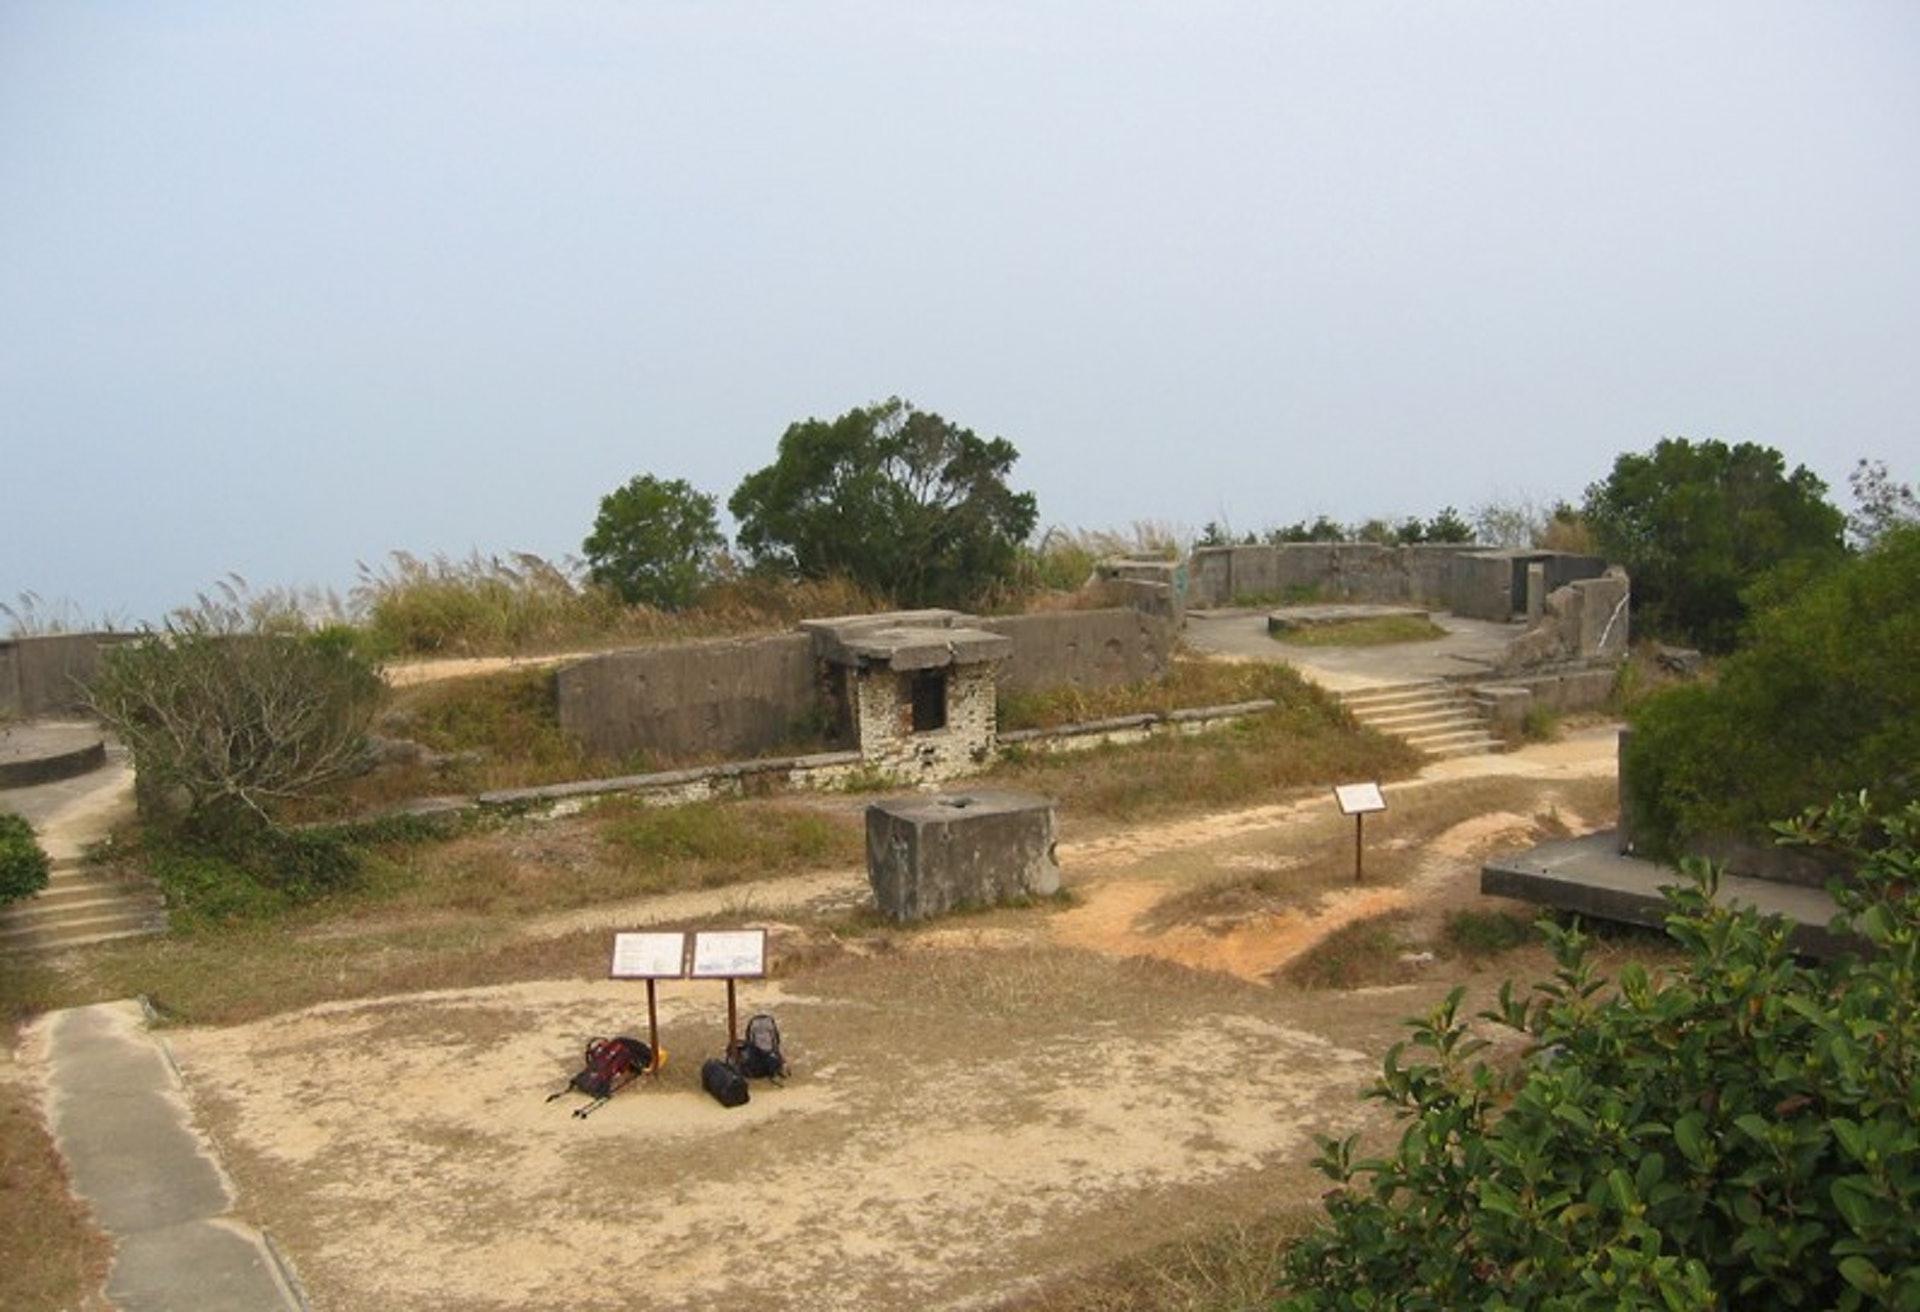 松林廢堡已建成差不多一個世紀,絕對是香港其中一個歷史遺跡。